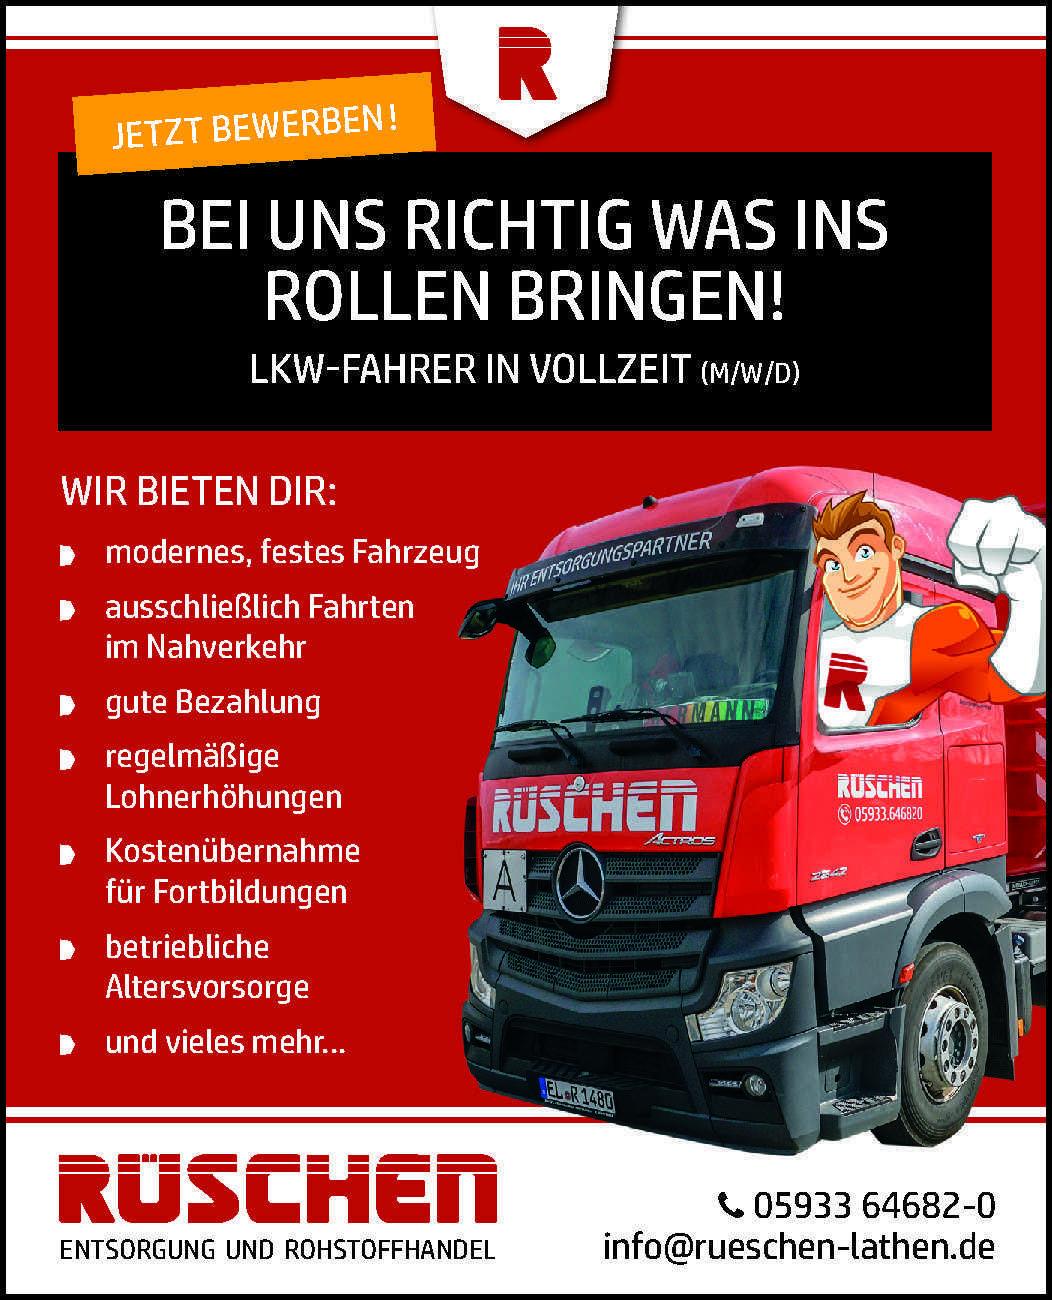 LKW-Fahrer in Vollzeit (m/w/d)